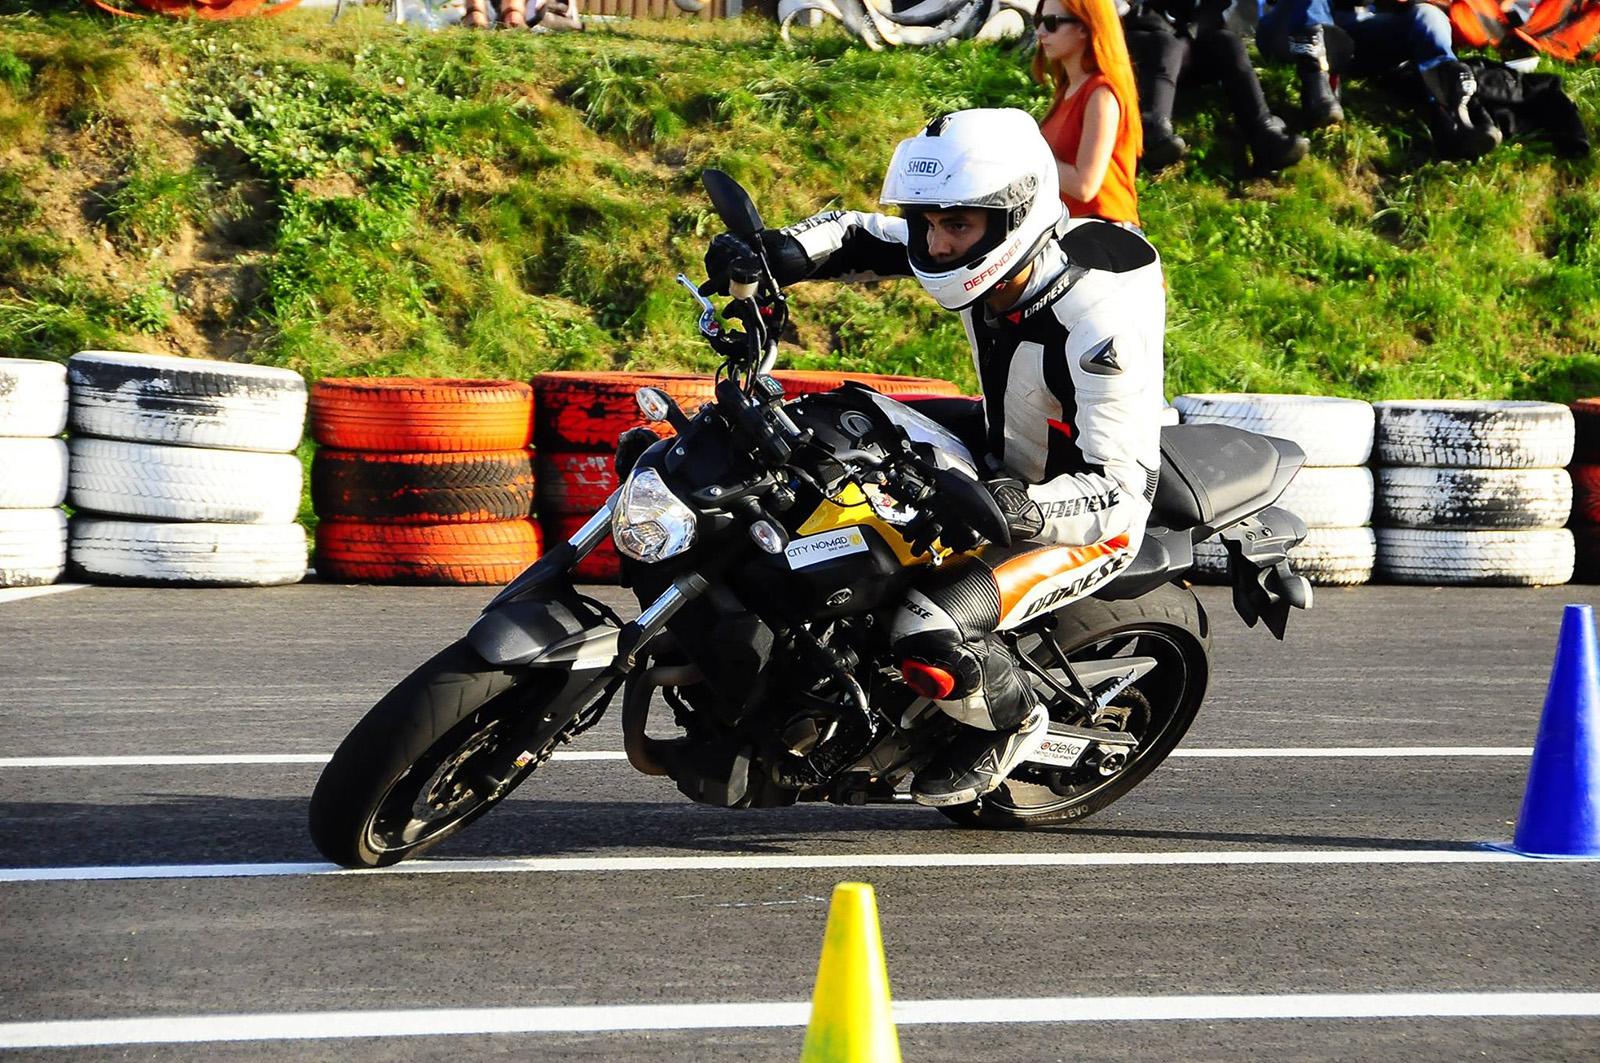 Pozycja na motocyklu porady motopomocni